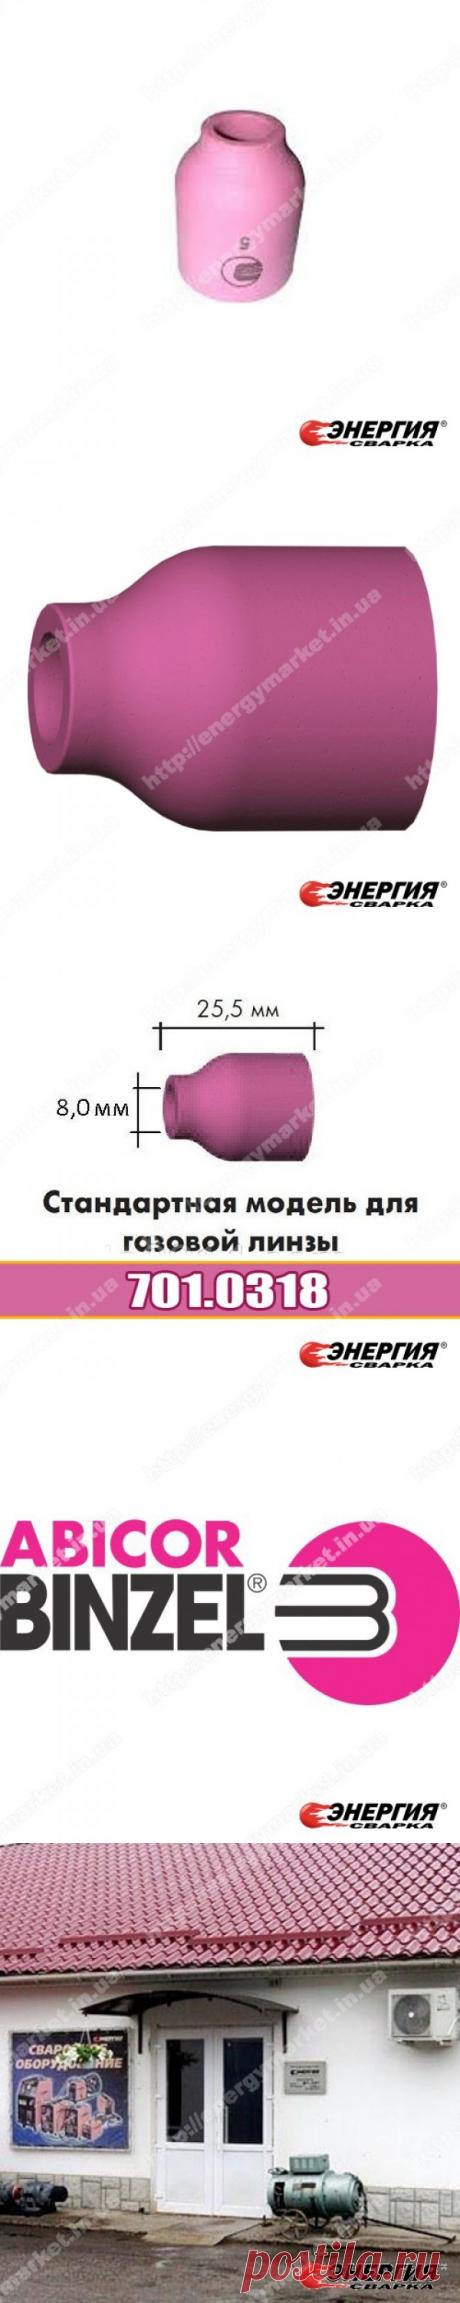 701.0318 Сопло керамическое № 5 NW 8,0 мм / L 25,5 мм  Abicor Binzel купить цена Украине